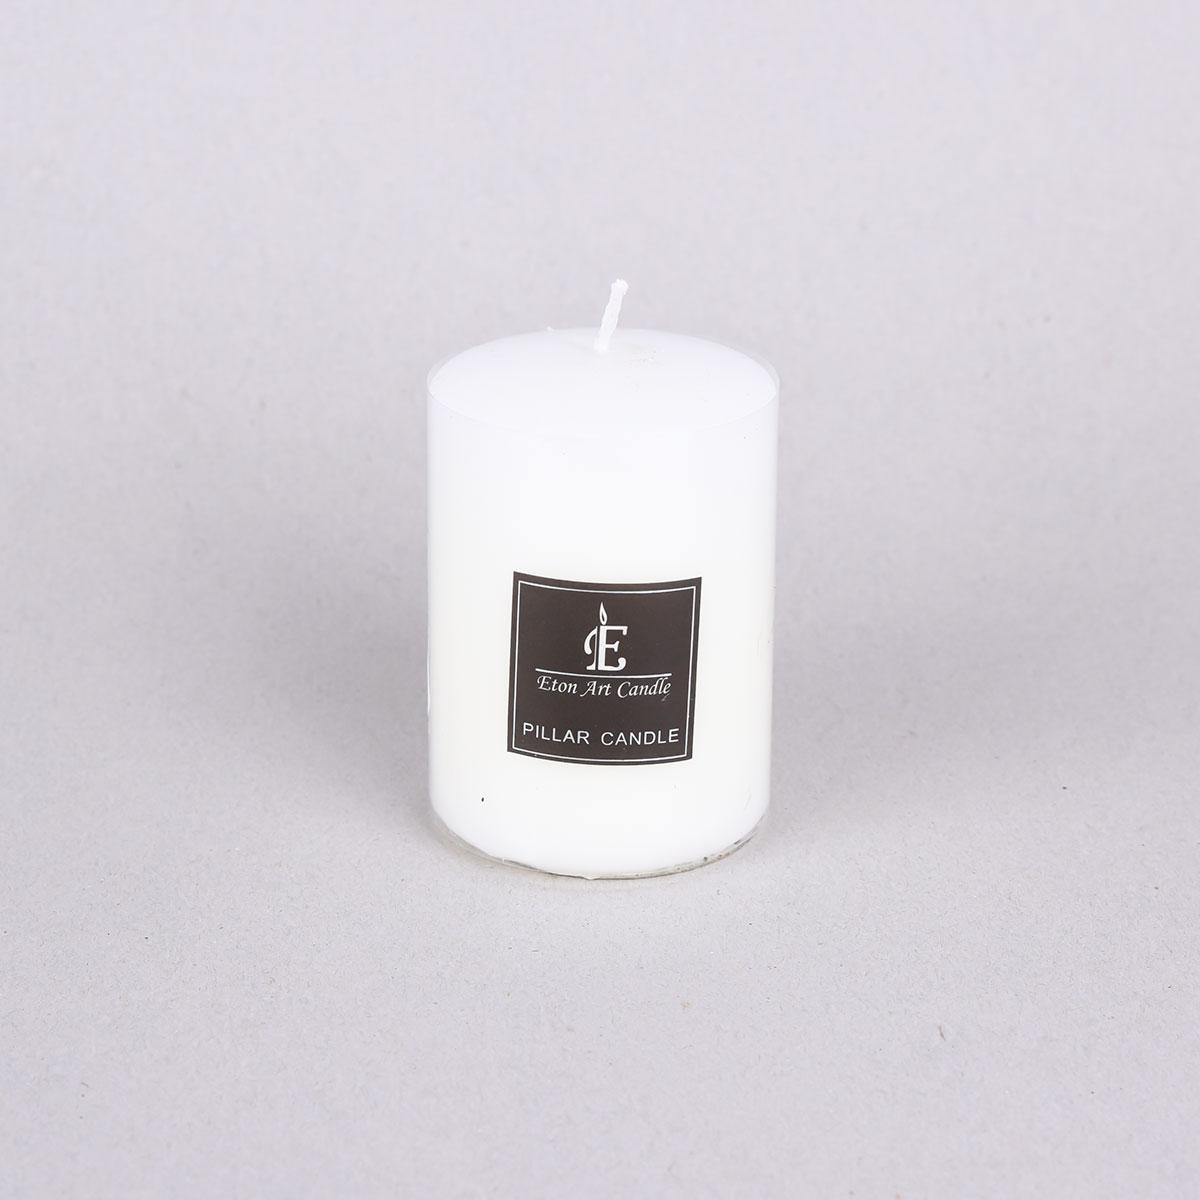 شمعة بدون رائحة  لون ابيض  دائري 10سم, من ماي مارت